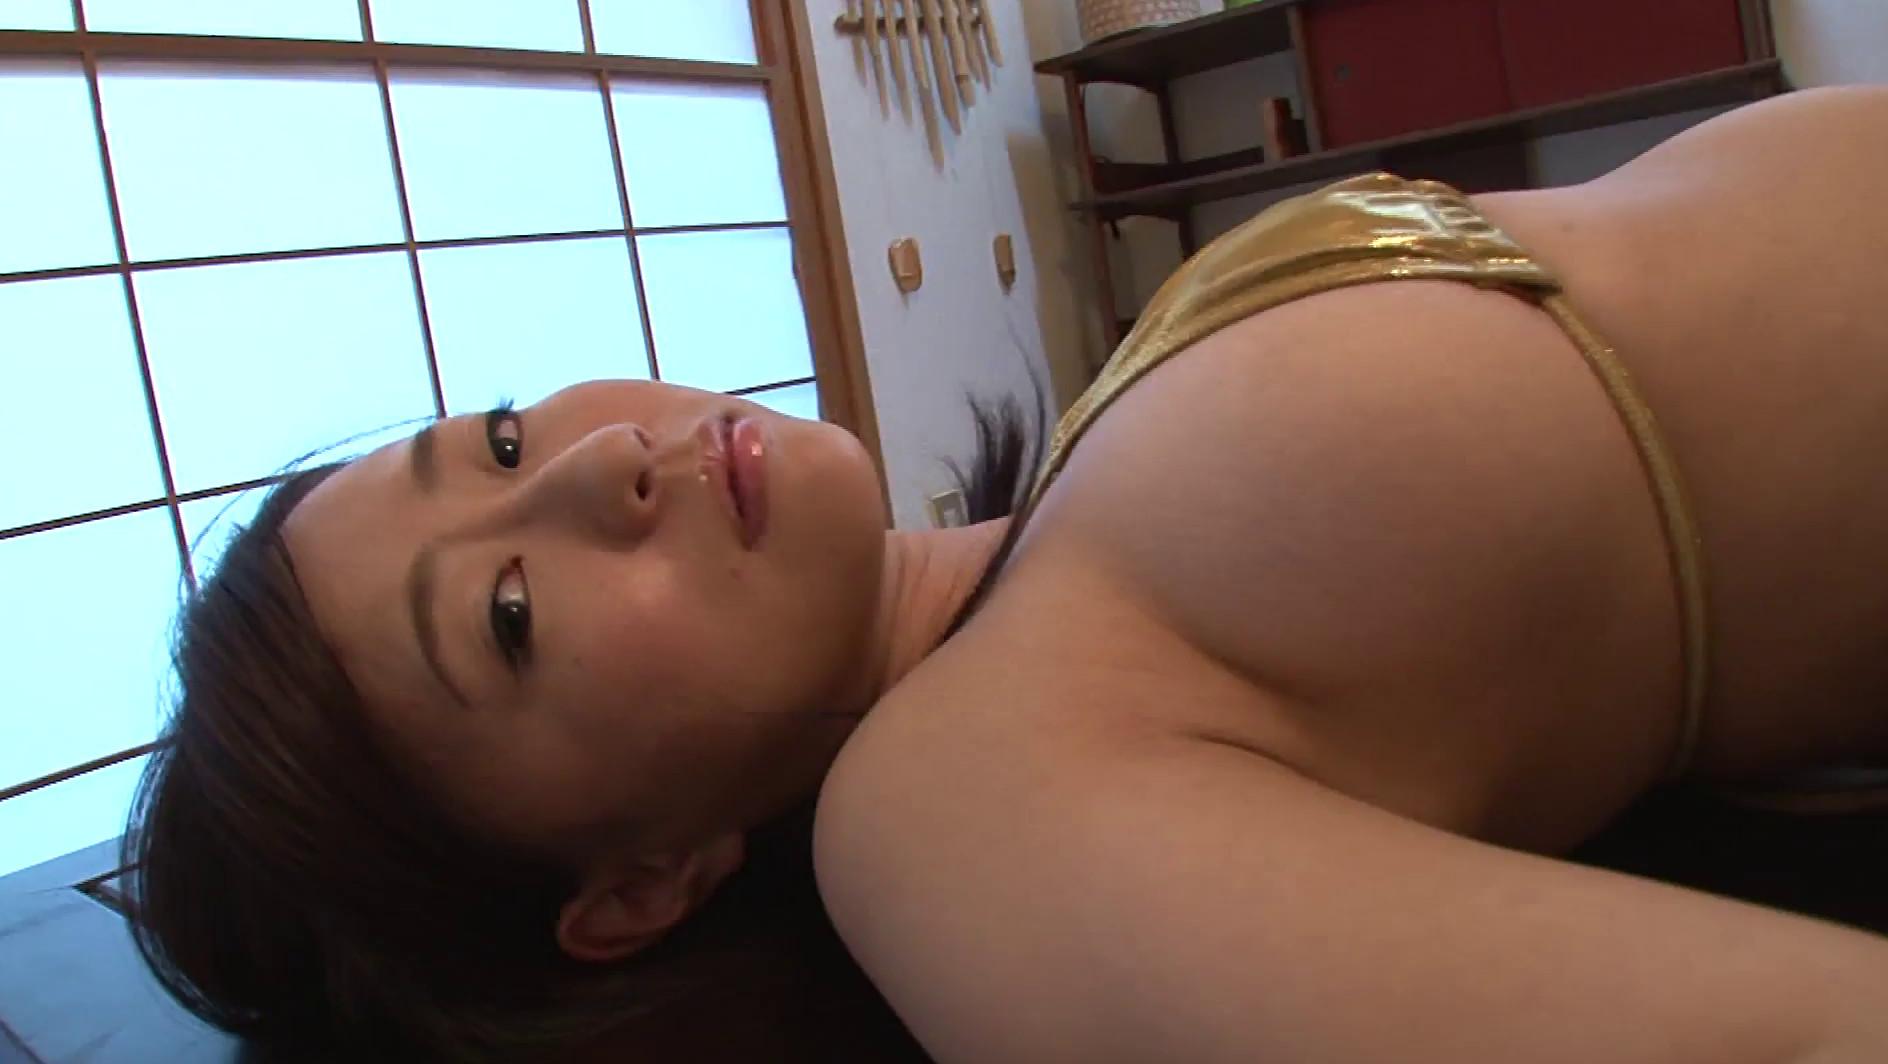 人妻 昼顔のおんなたち ~動画編~4